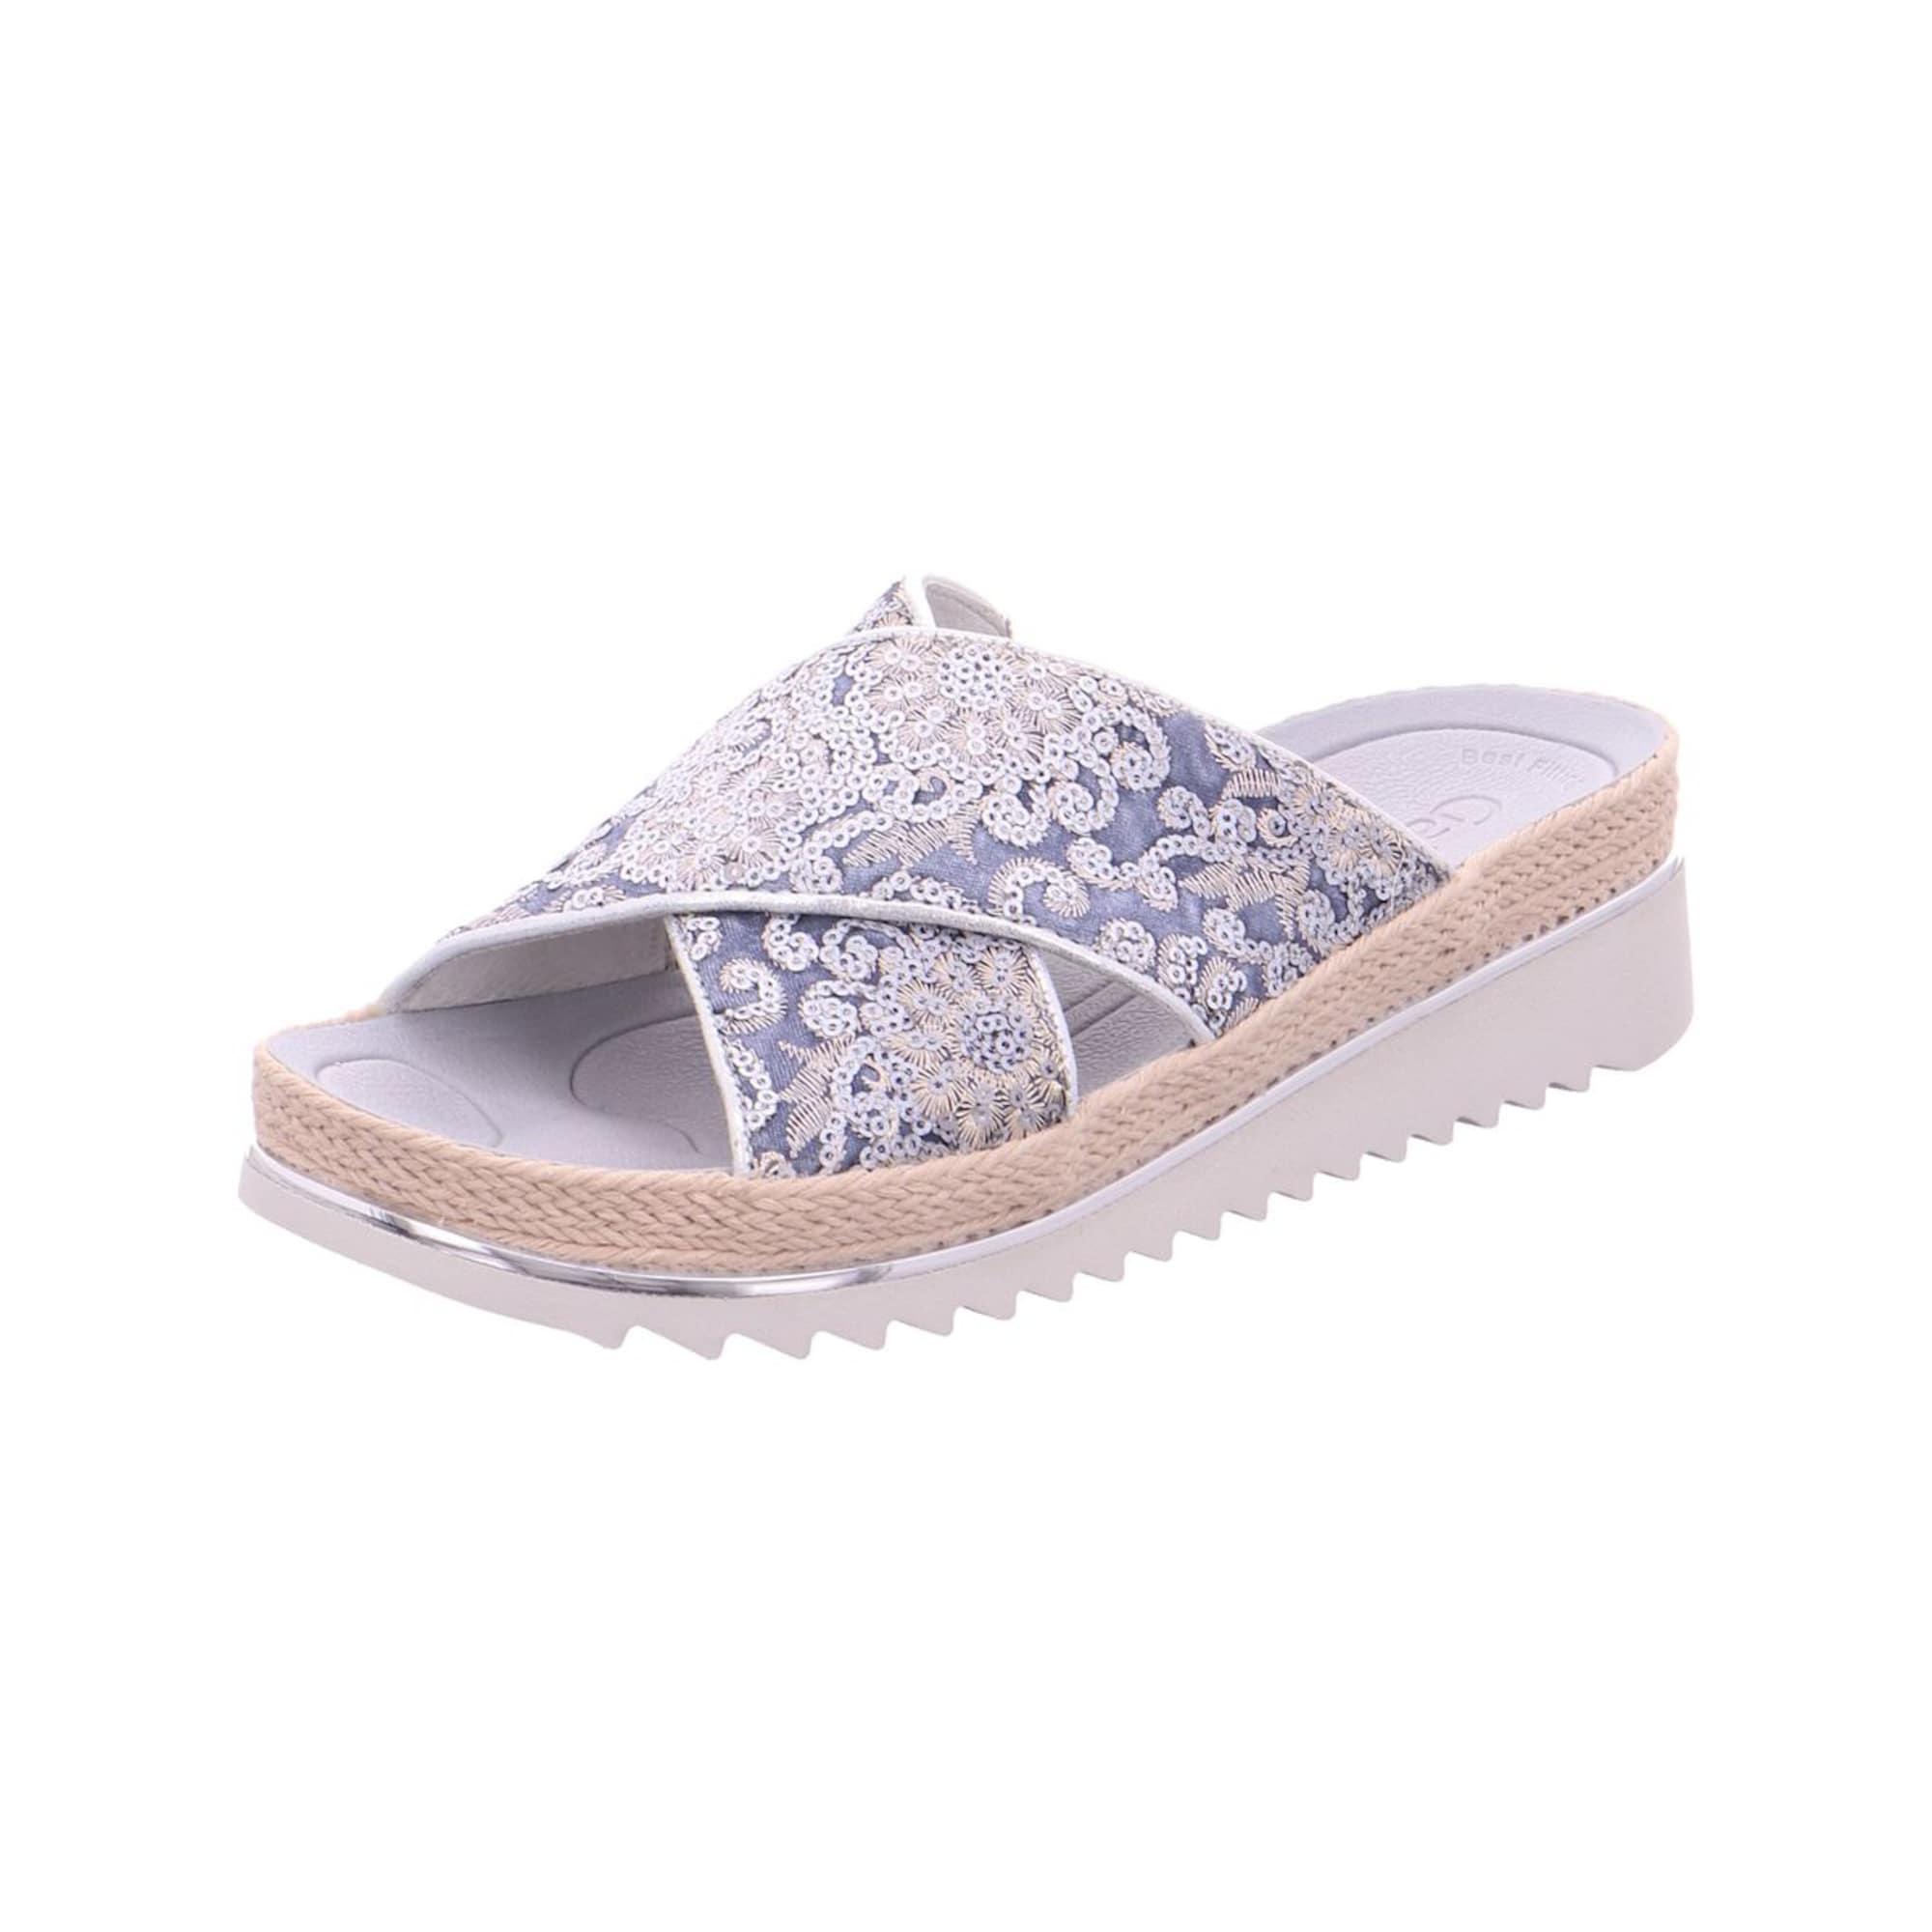 Pantoletten   Schuhe   Beige - Flieder   Gabor